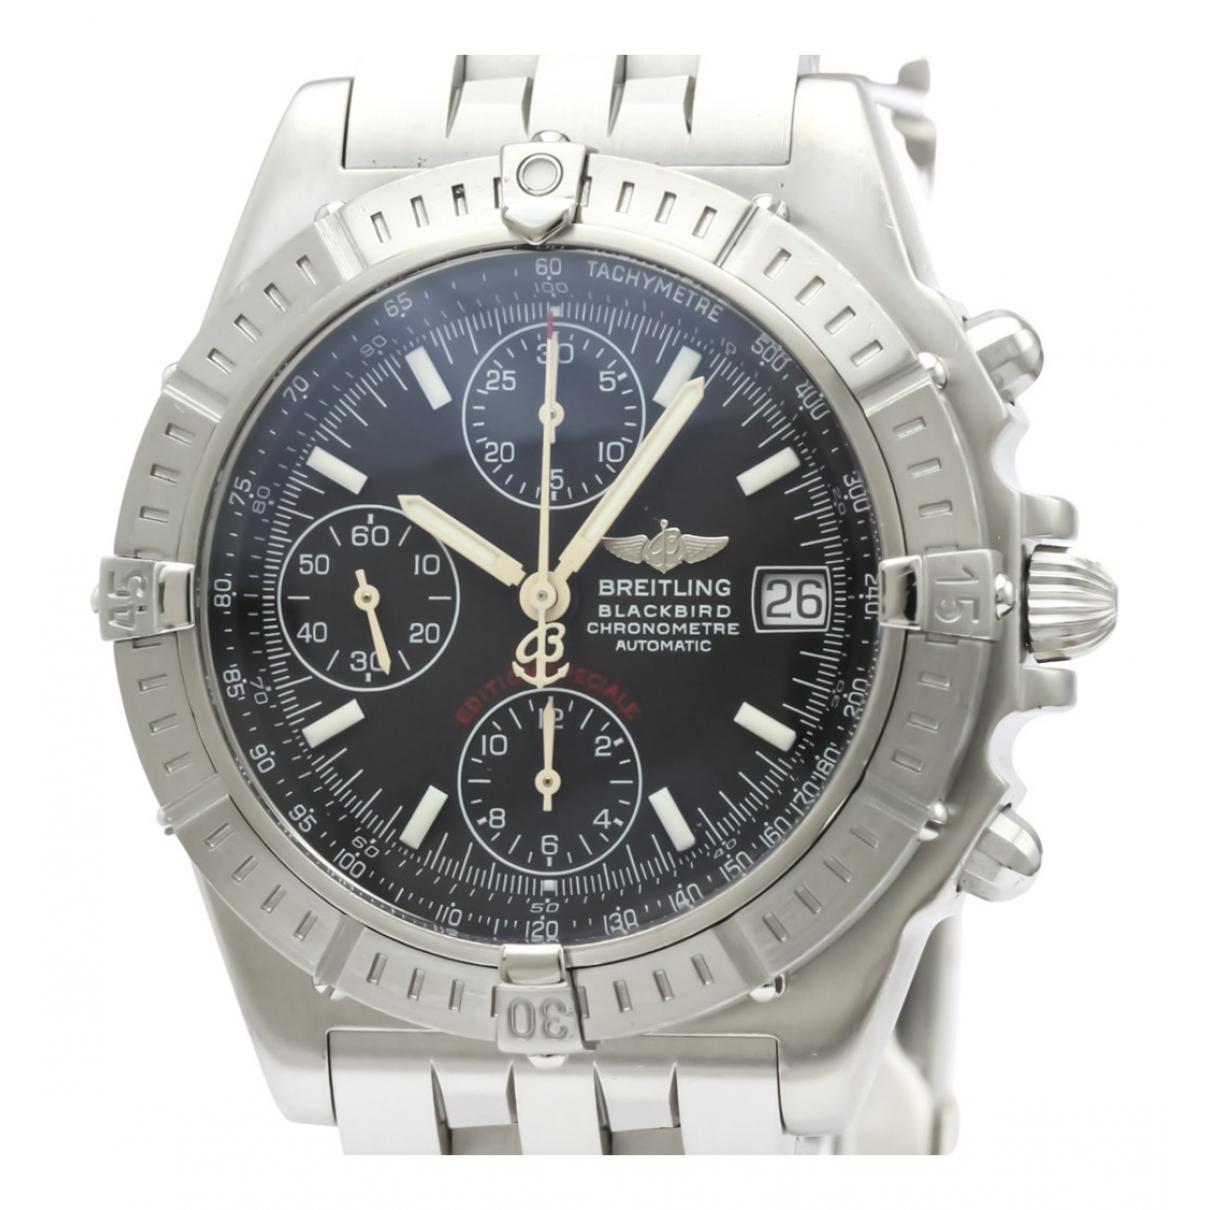 Relojes Chronomat Breitling